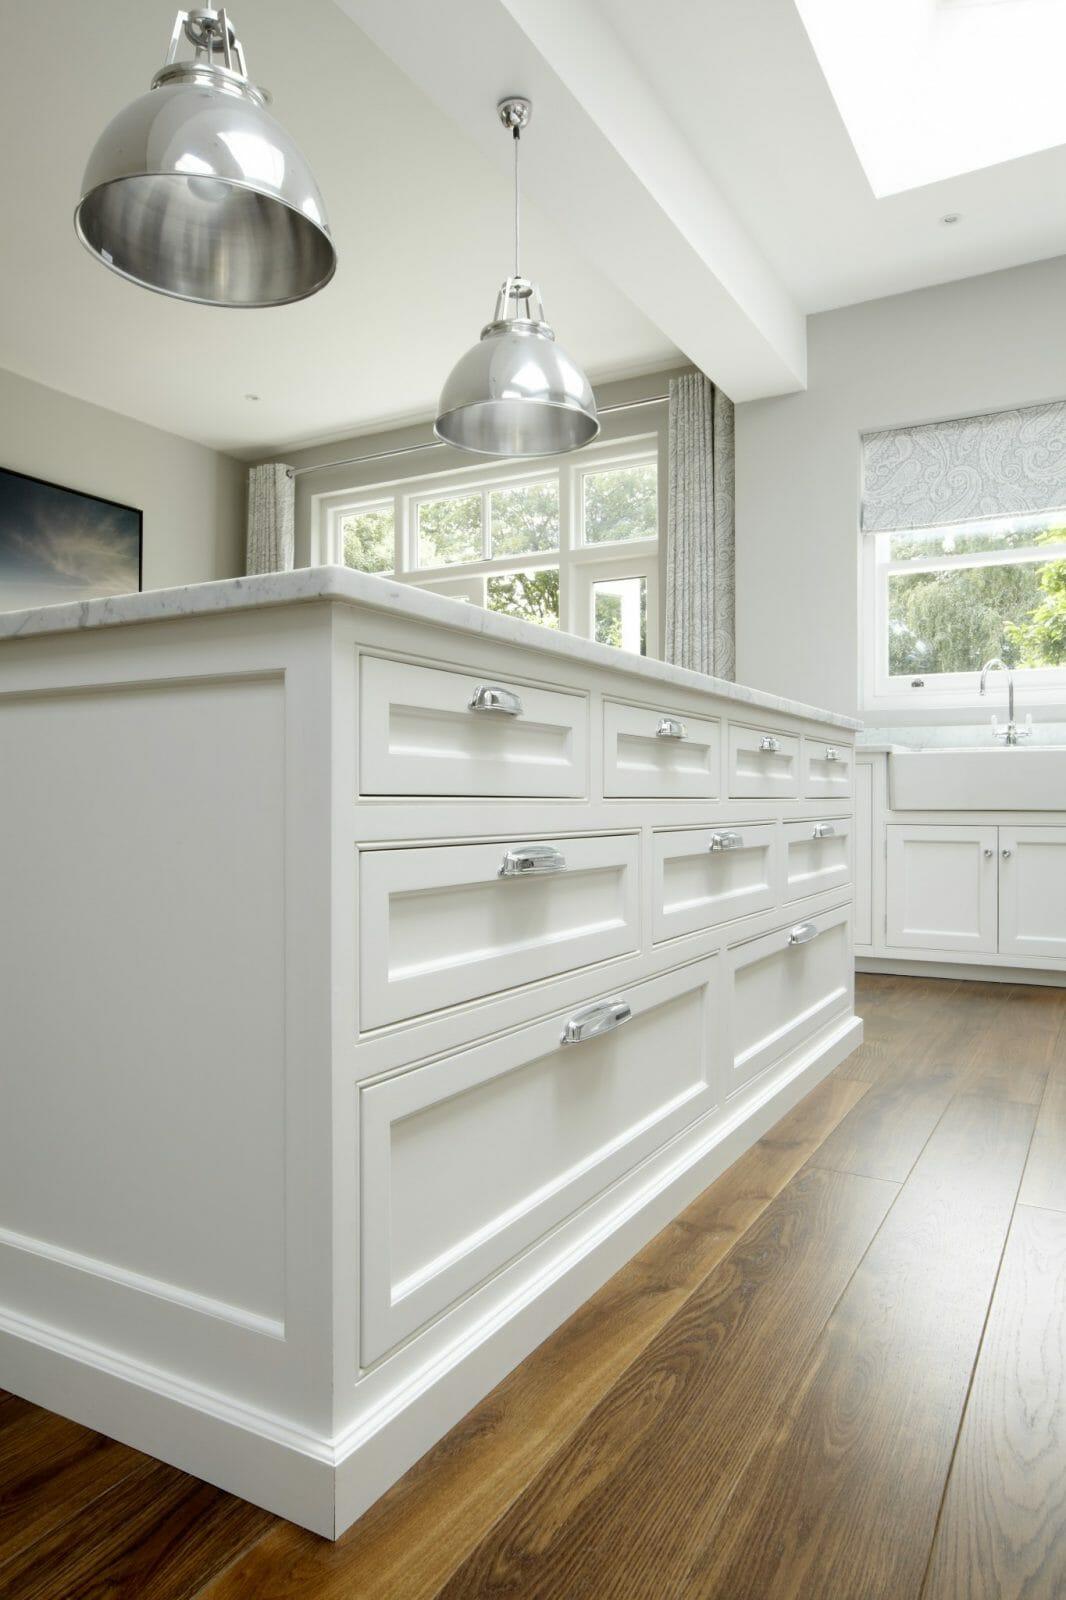 Small All White Kitchen